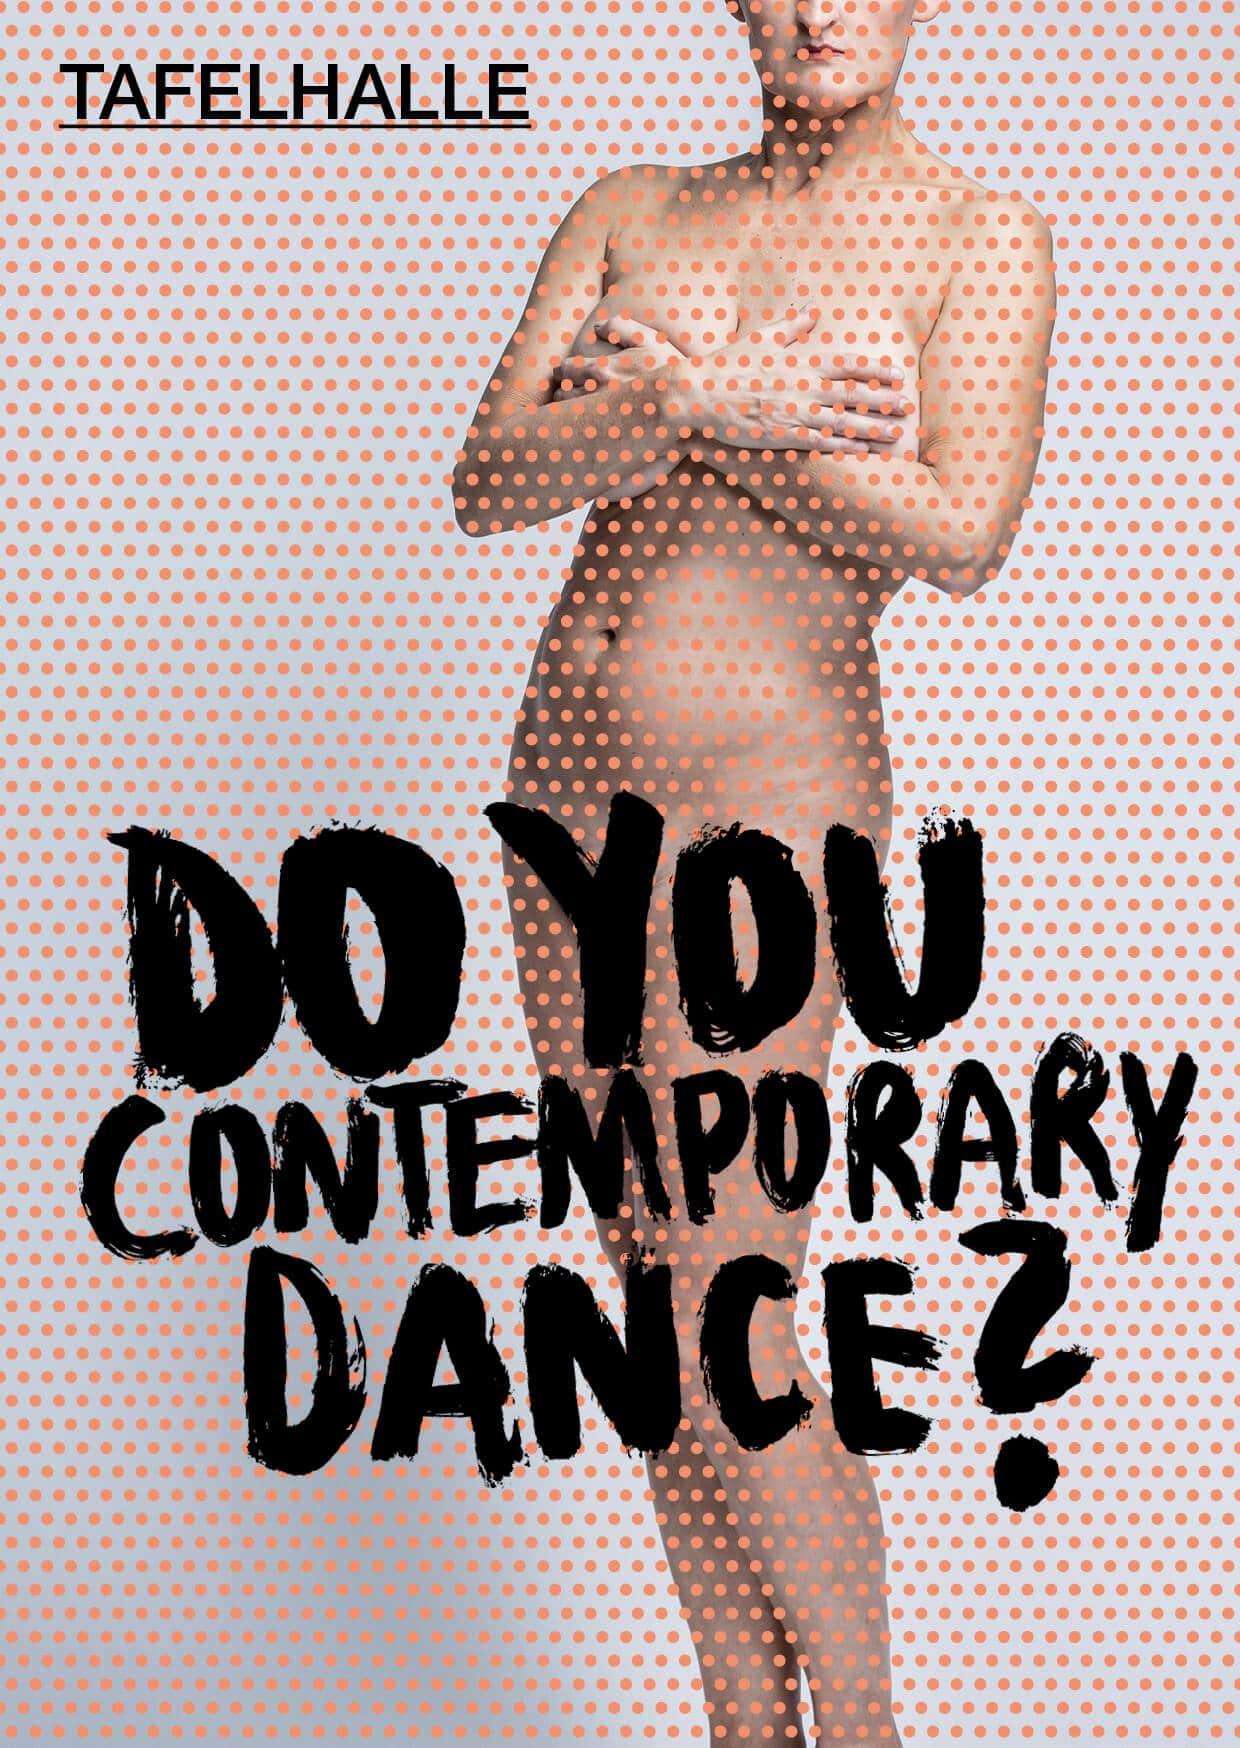 """Curtis & Co. - dance affairs feiert am 14.02. mit """"Do you contemporary dance?"""" Premiere in der Tafelhalle. Interview mit Susanna Curtis."""